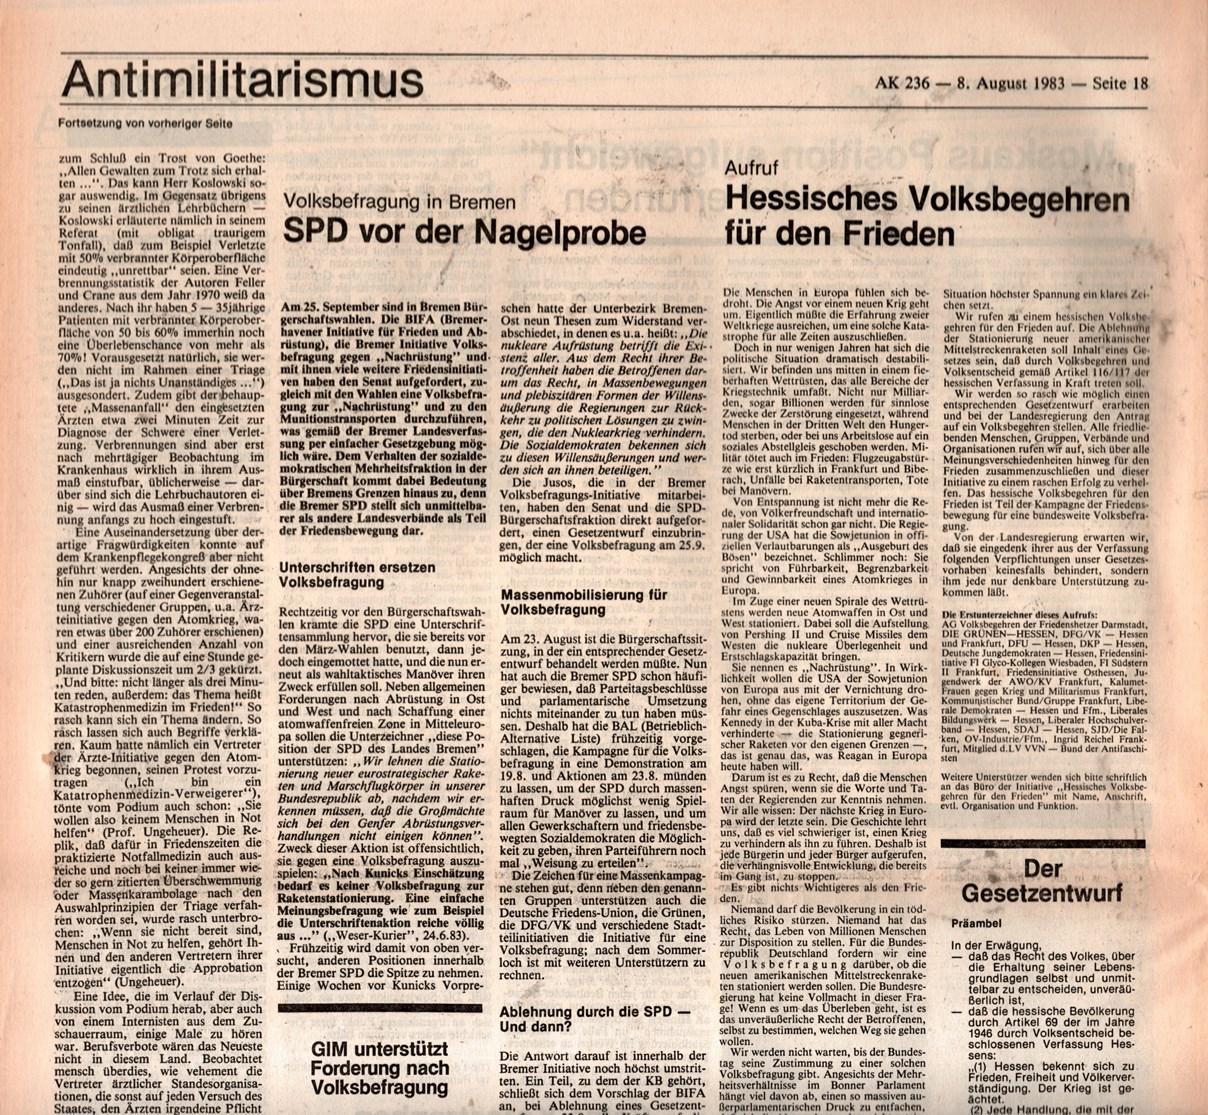 KB_AK_1983_236_035